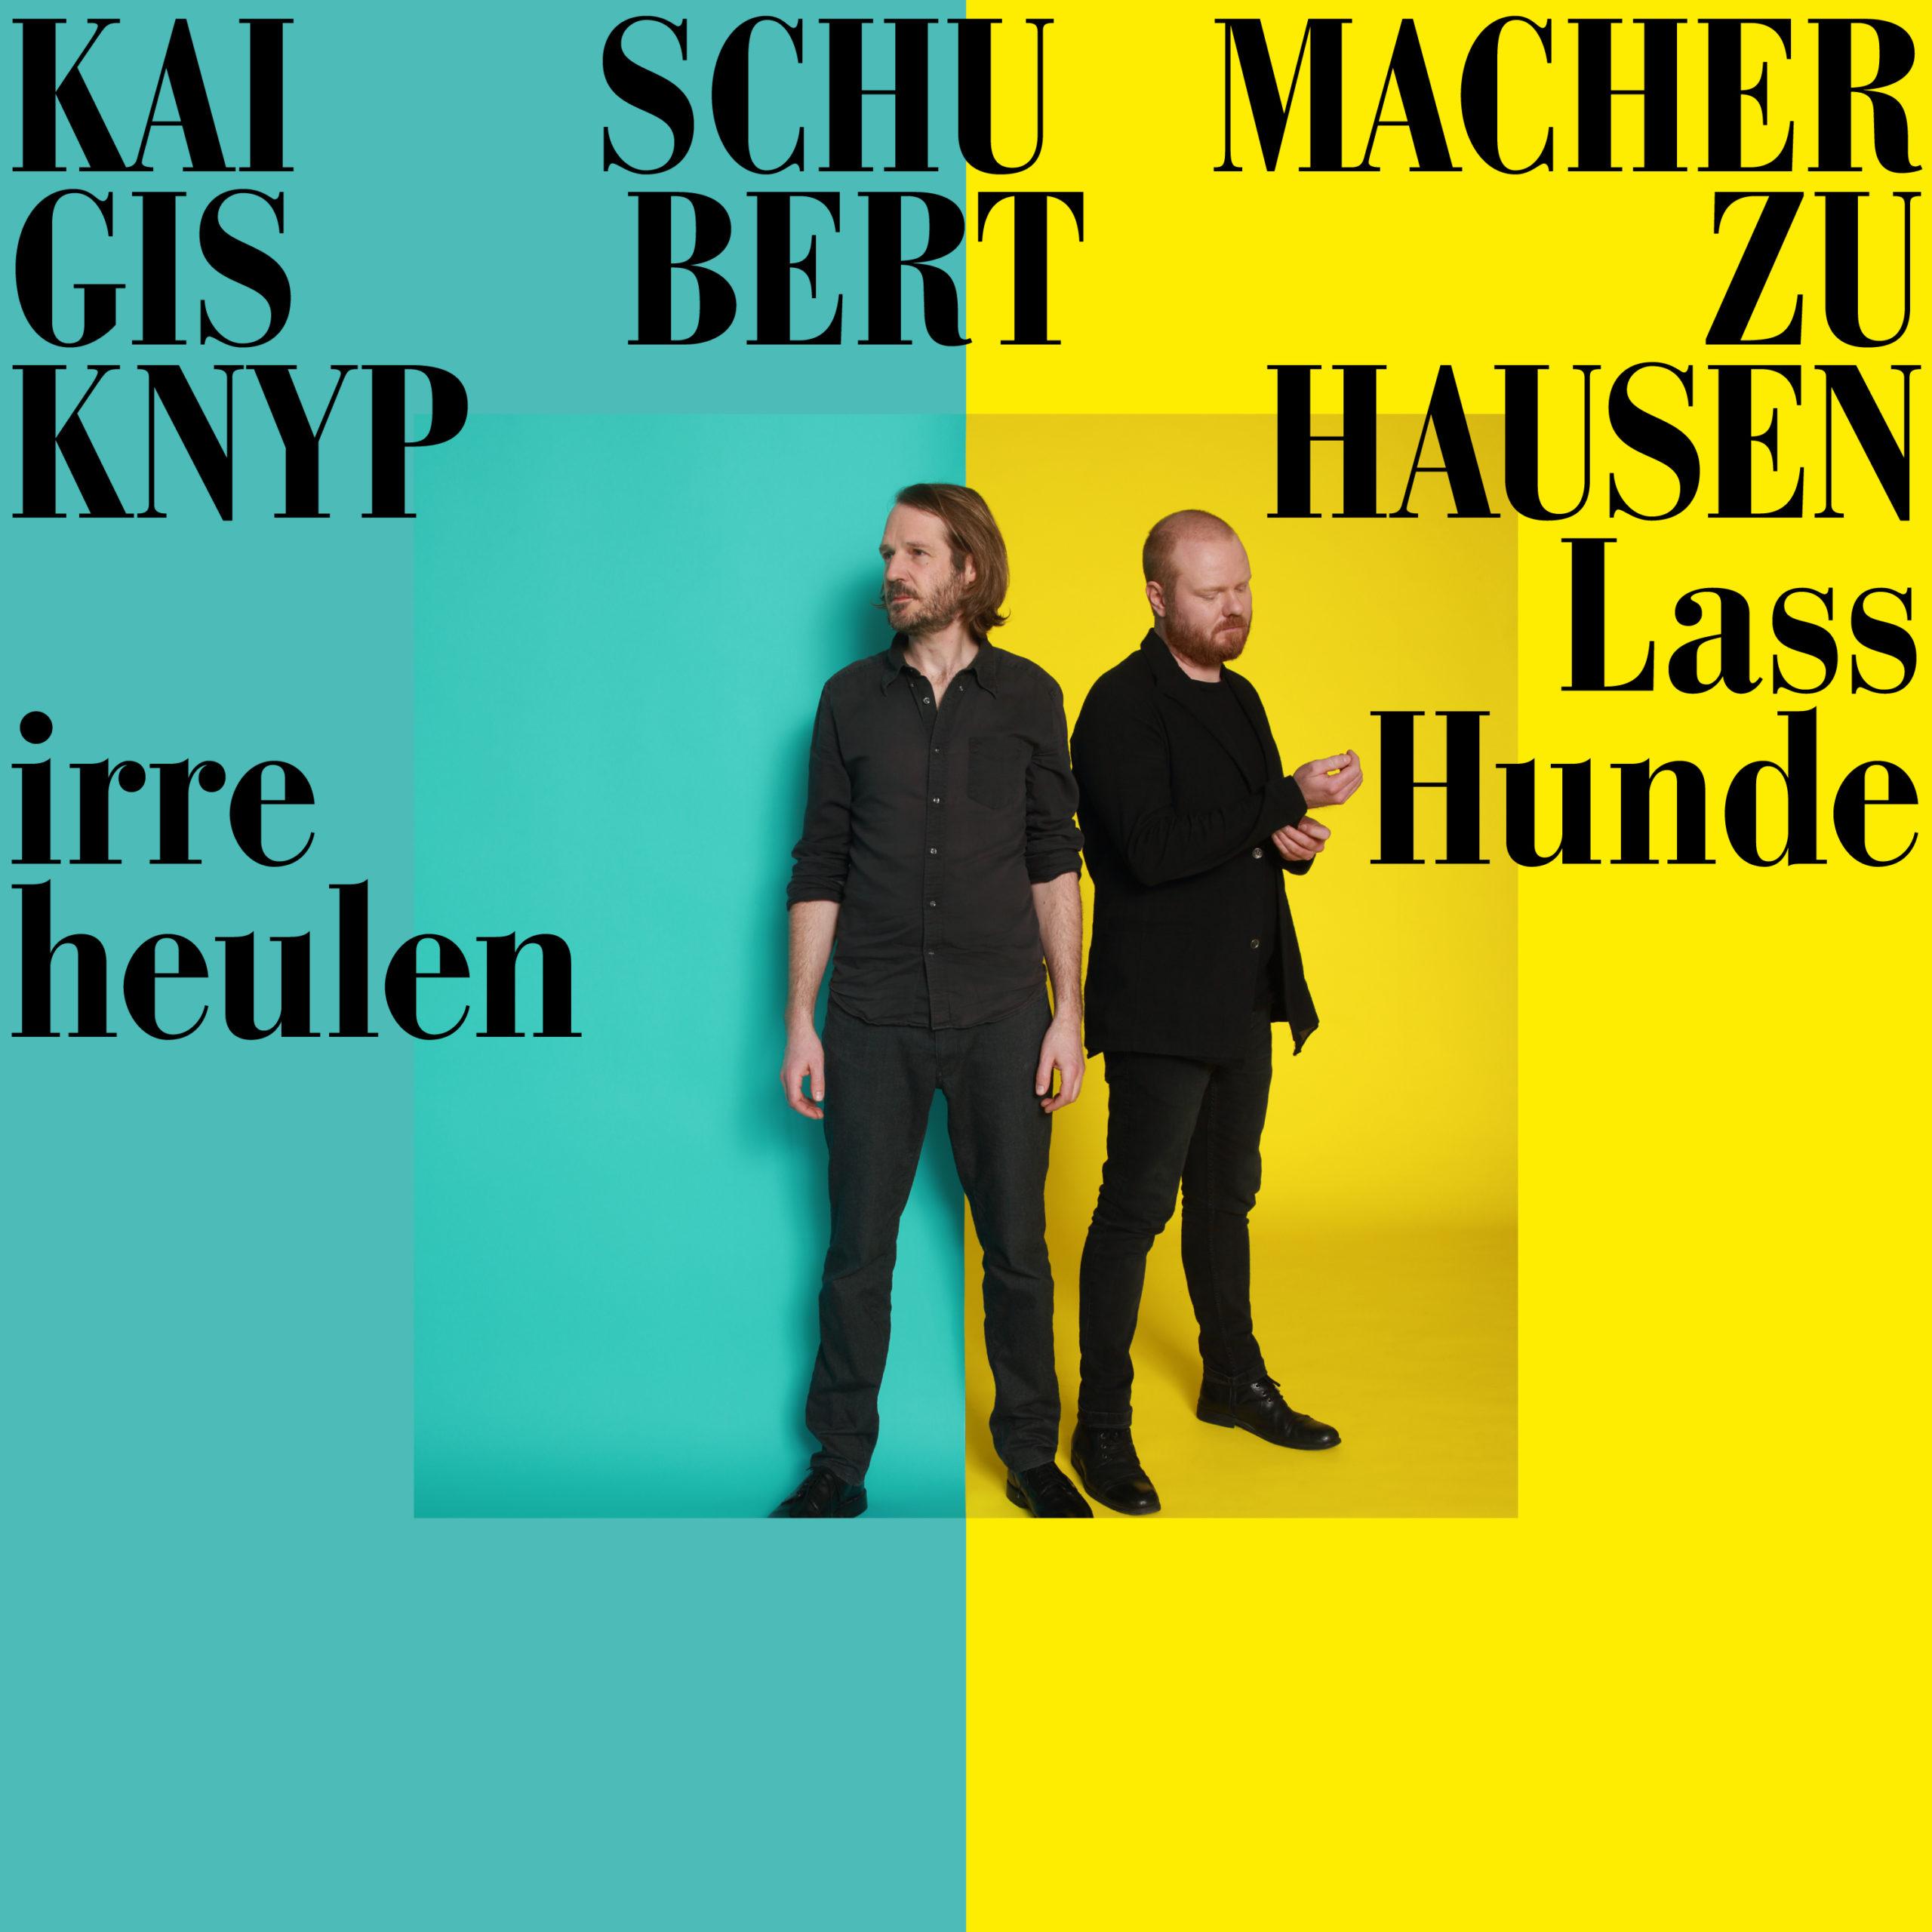 """Gisbert zu Knyphausen & Kai Schumacher """"Lass irre Hunde heulen"""""""